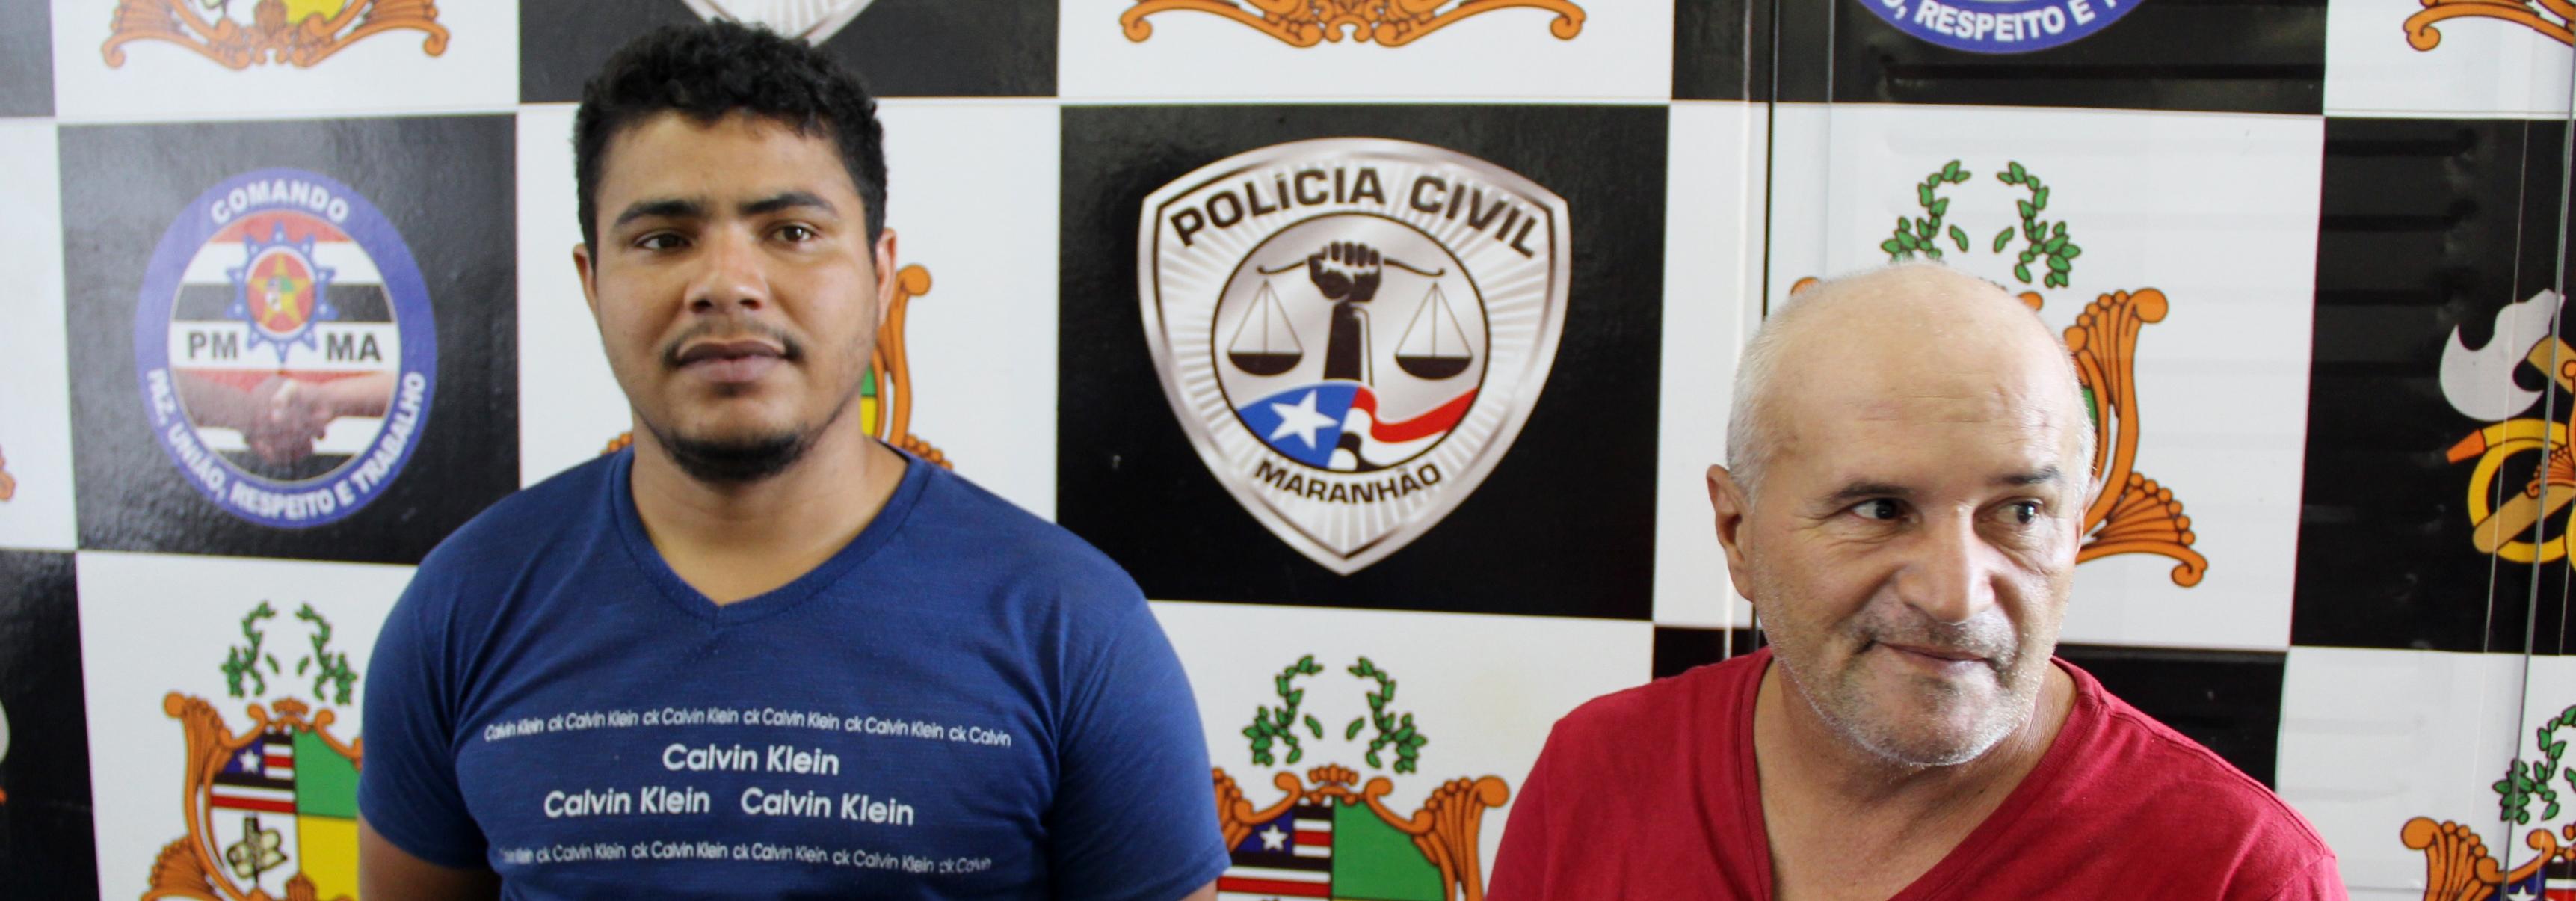 Operação Sem Fronteiras, da Polícia Civil, apreende entorpecentes avaliados em R$ 500 mil